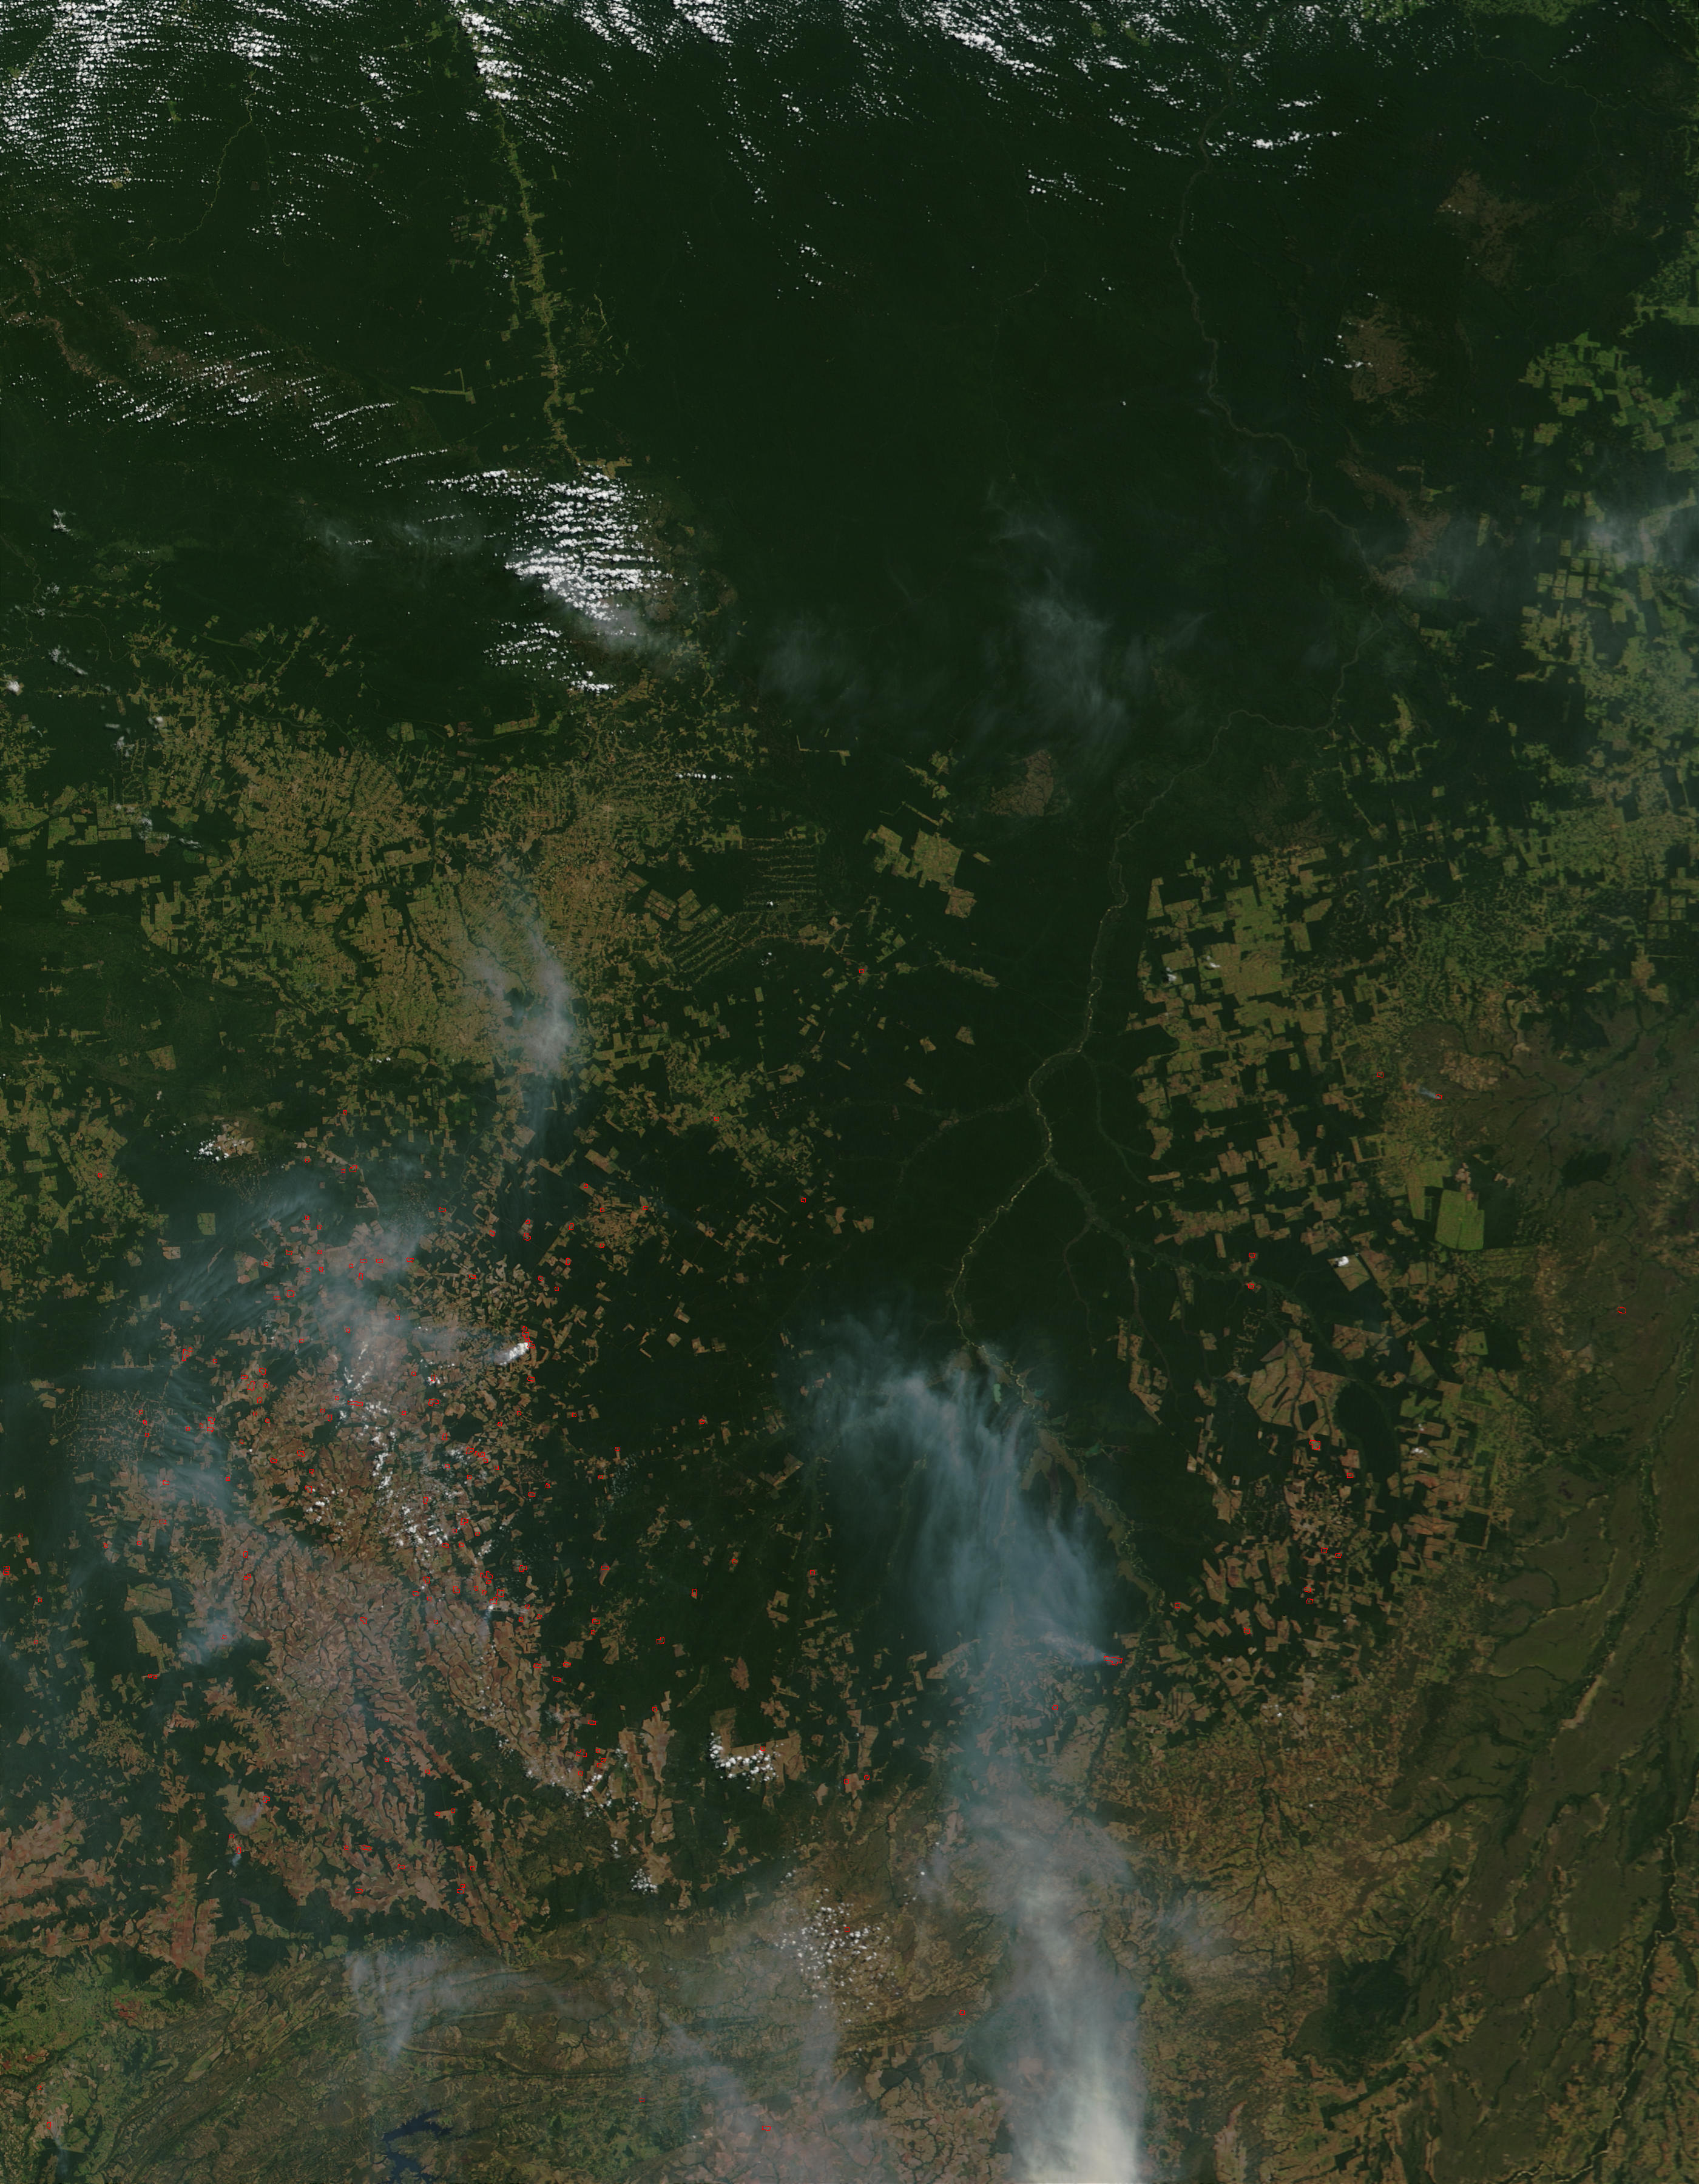 Incendios y humo alrededor the río Xingú superior, Brasil